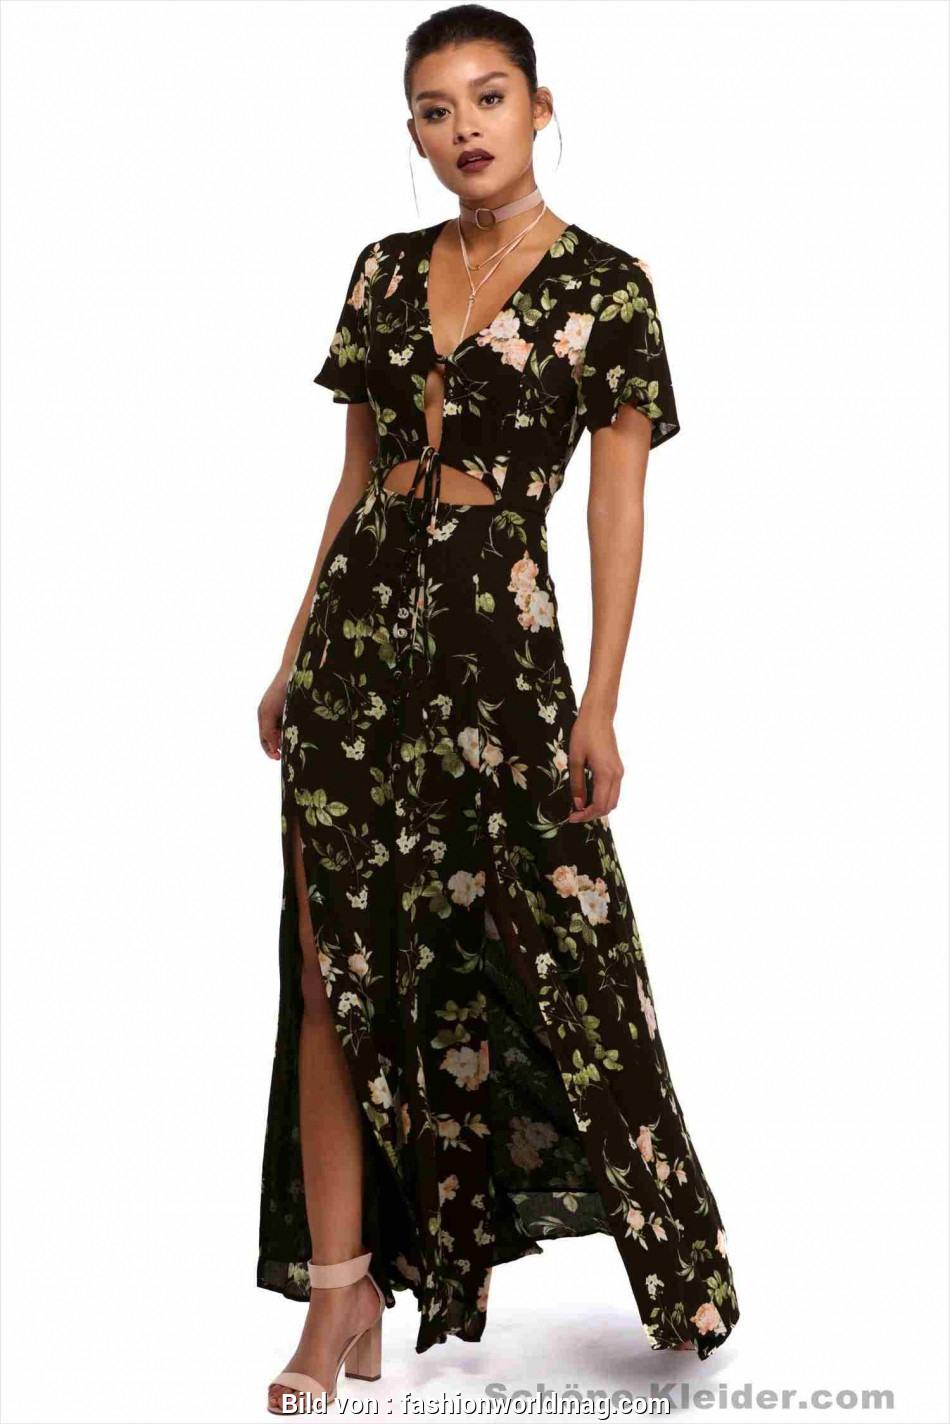 17 Fantastisch Abend Kleid Bei Asos Bester Preis15 Erstaunlich Abend Kleid Bei Asos Ärmel